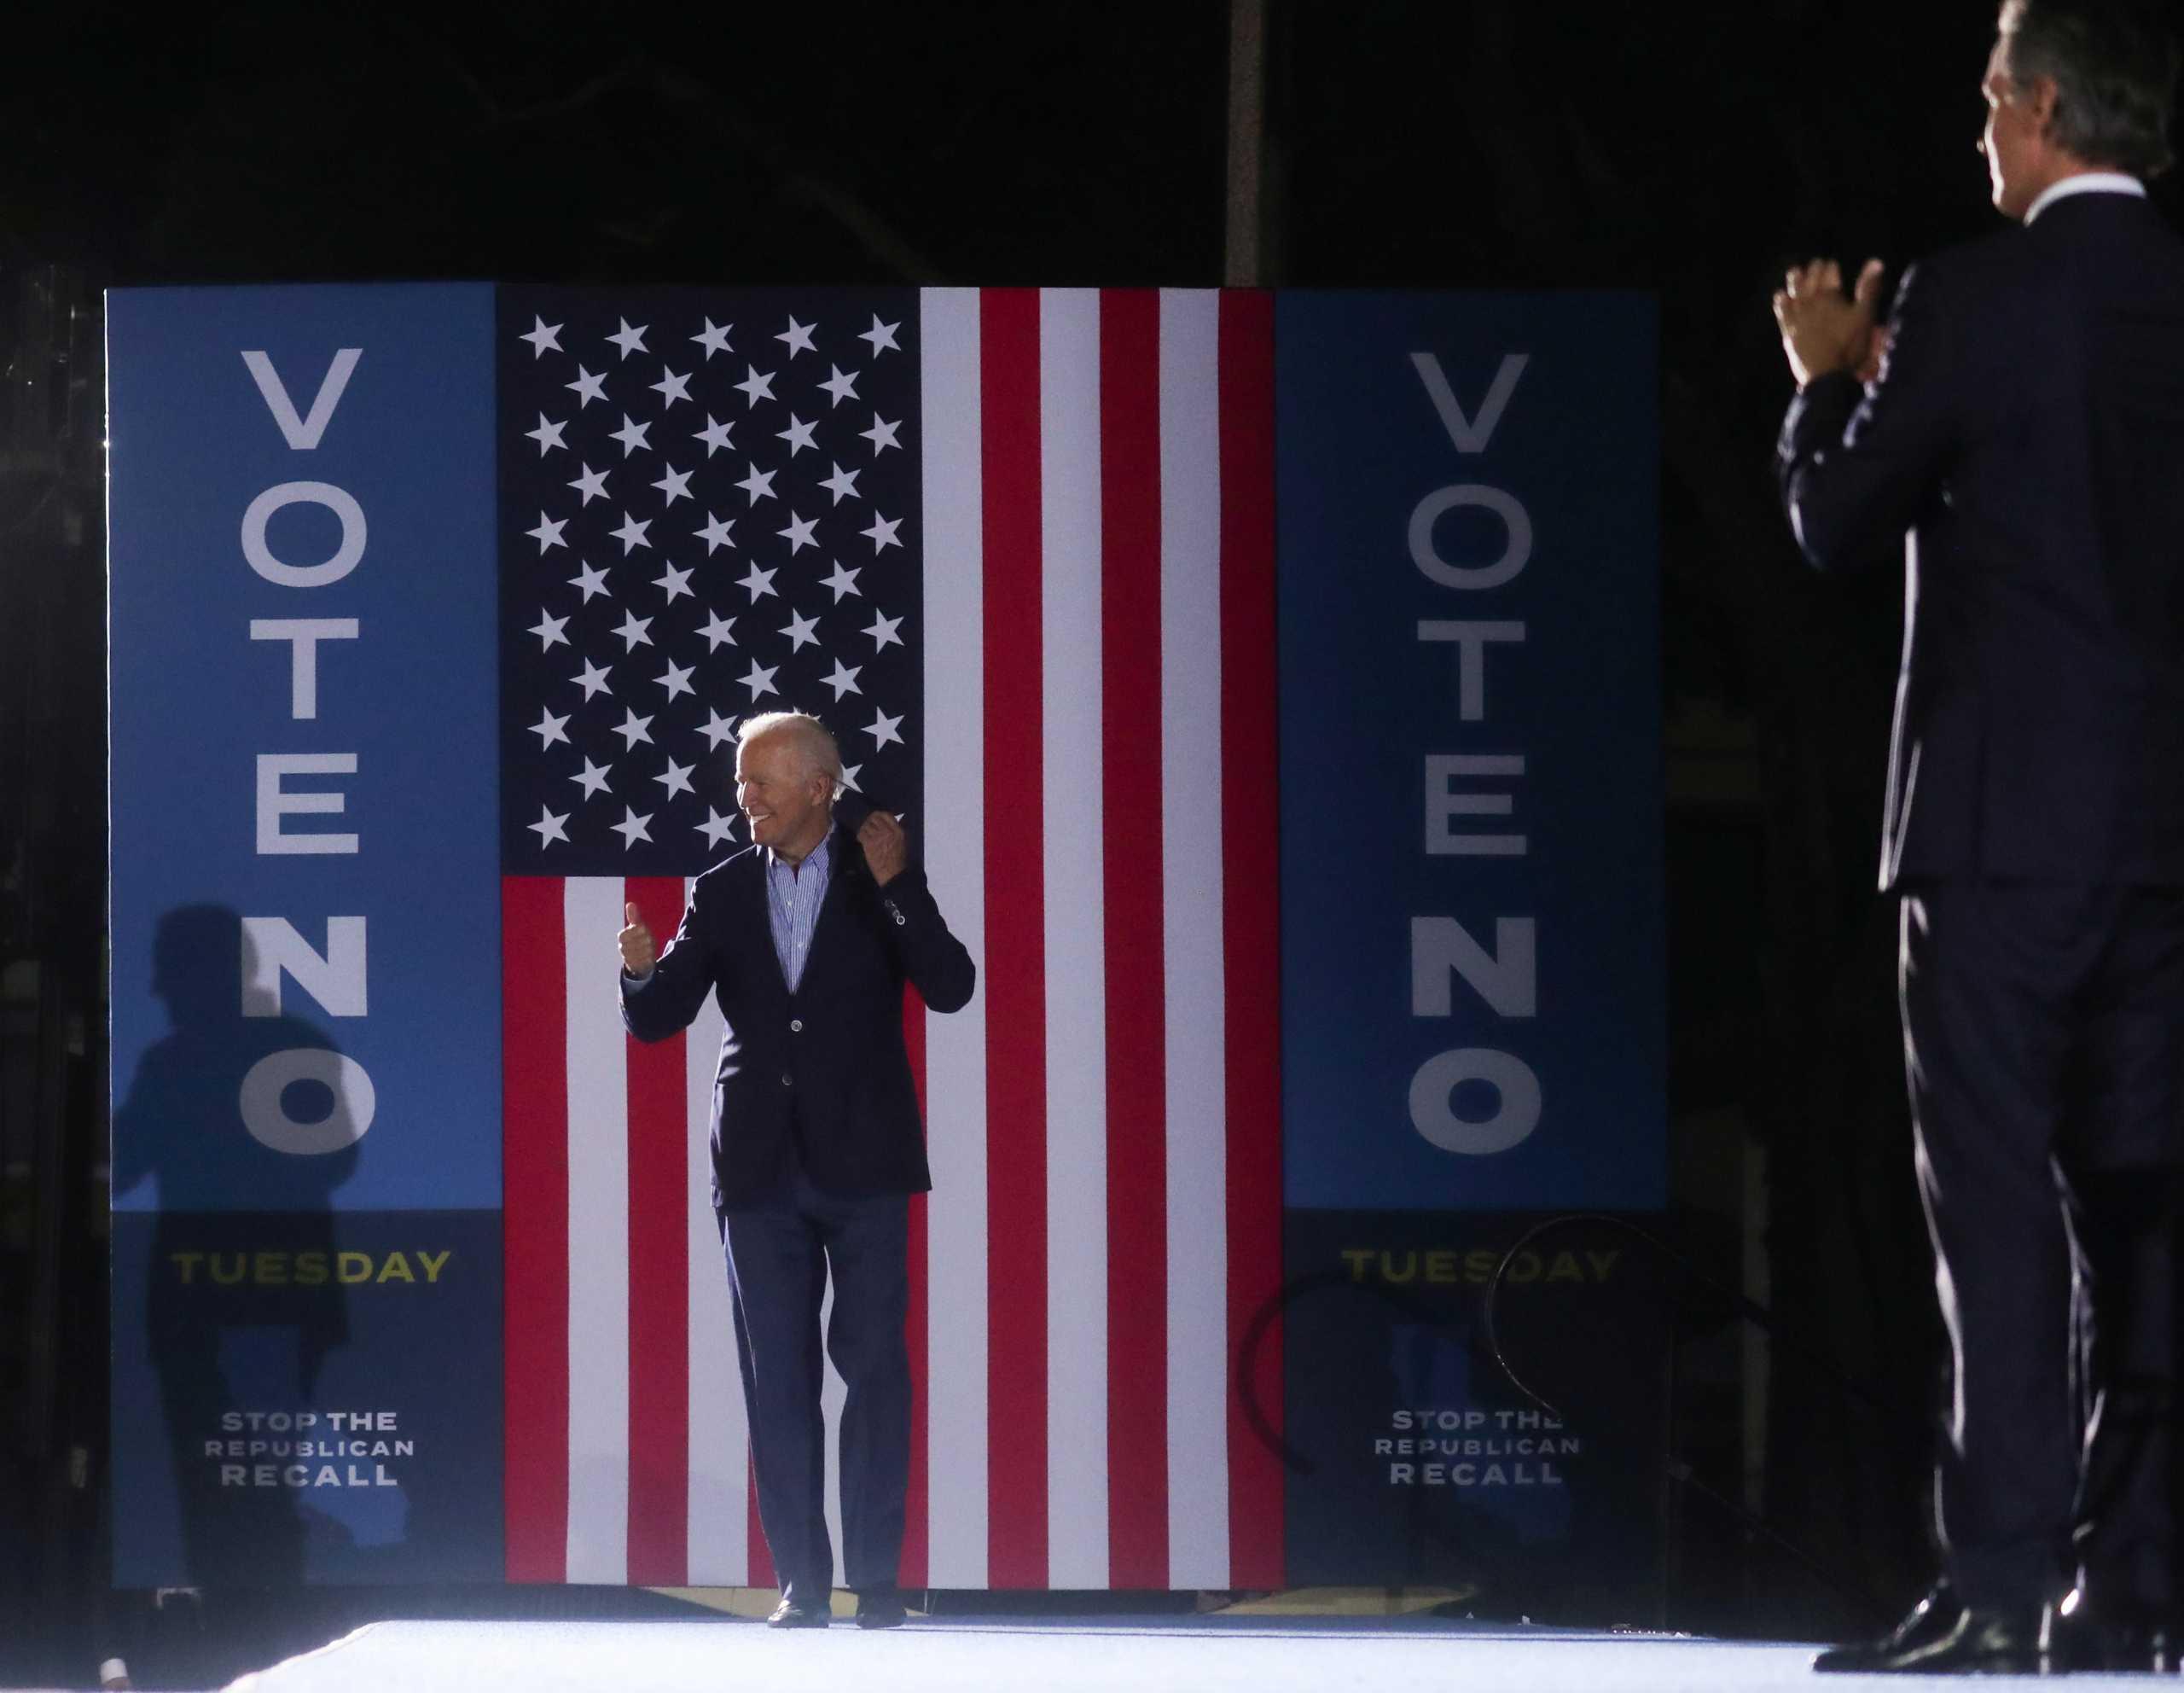 Στην Καλιφόρνια ο Τζο Μπάιντεν για να μην αναλάβει κυβερνήτης ο… «κλώνος του Τραμπ»